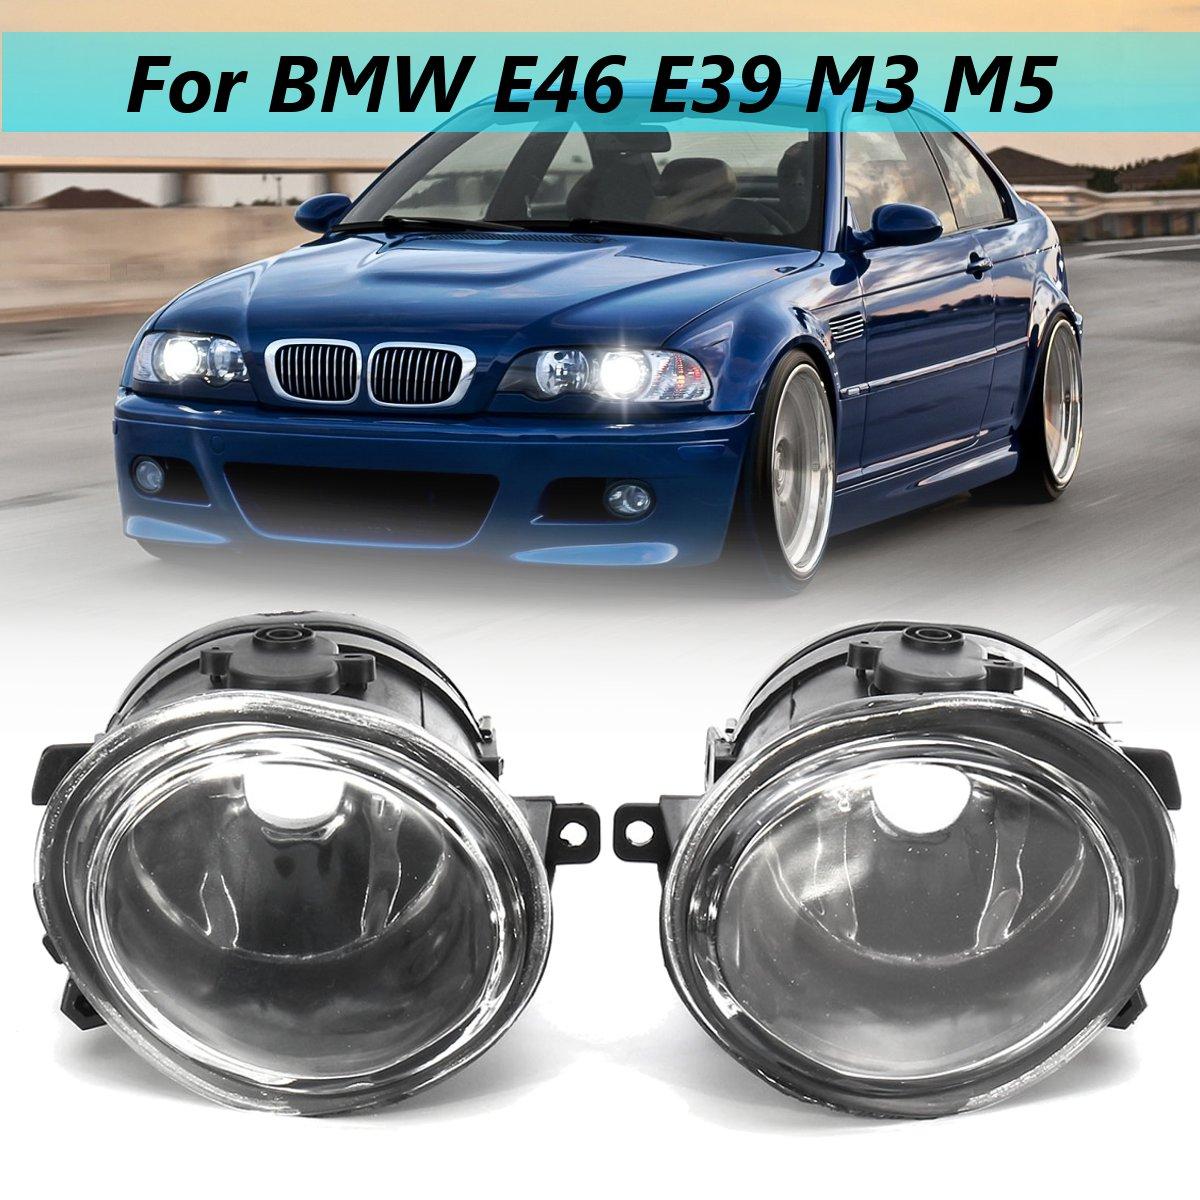 12 V Paire D'antibrouillard Clair Lumières Logement Couvercle Transparent Pour BMW Série 3 E46 Série 5 E39 M3 M5 1998 1999 2000 2001 2002 2003 2004